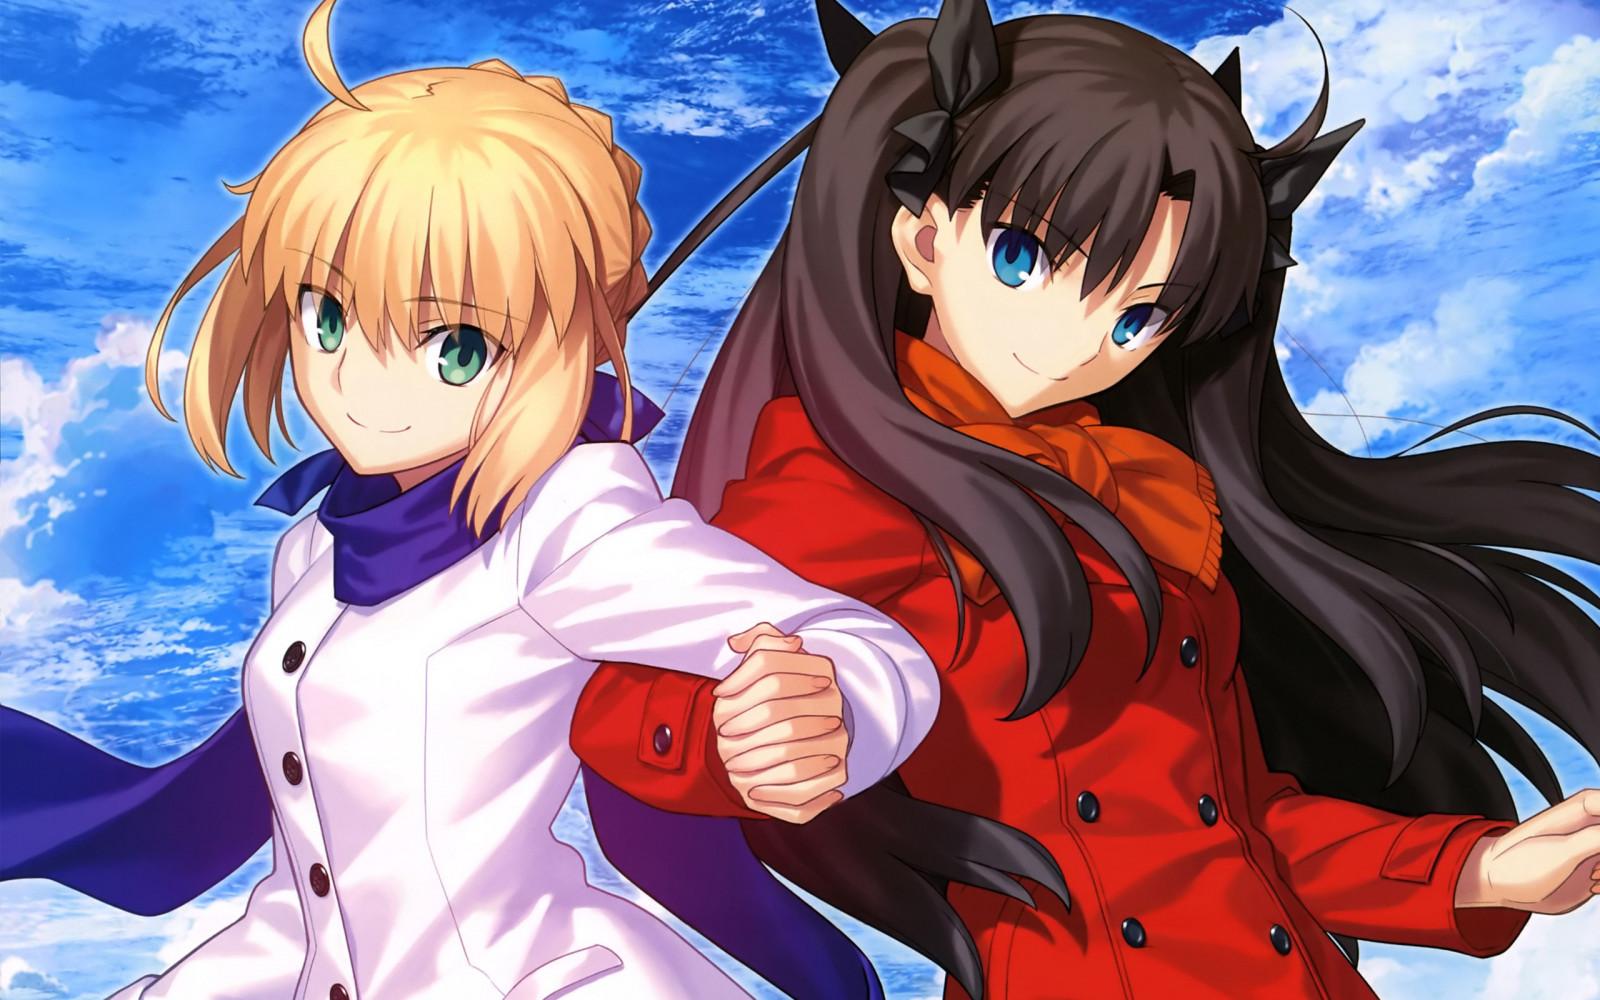 Fate Series, Saber, Tohsaka Rin, Shirou Emiya, Fate Stay